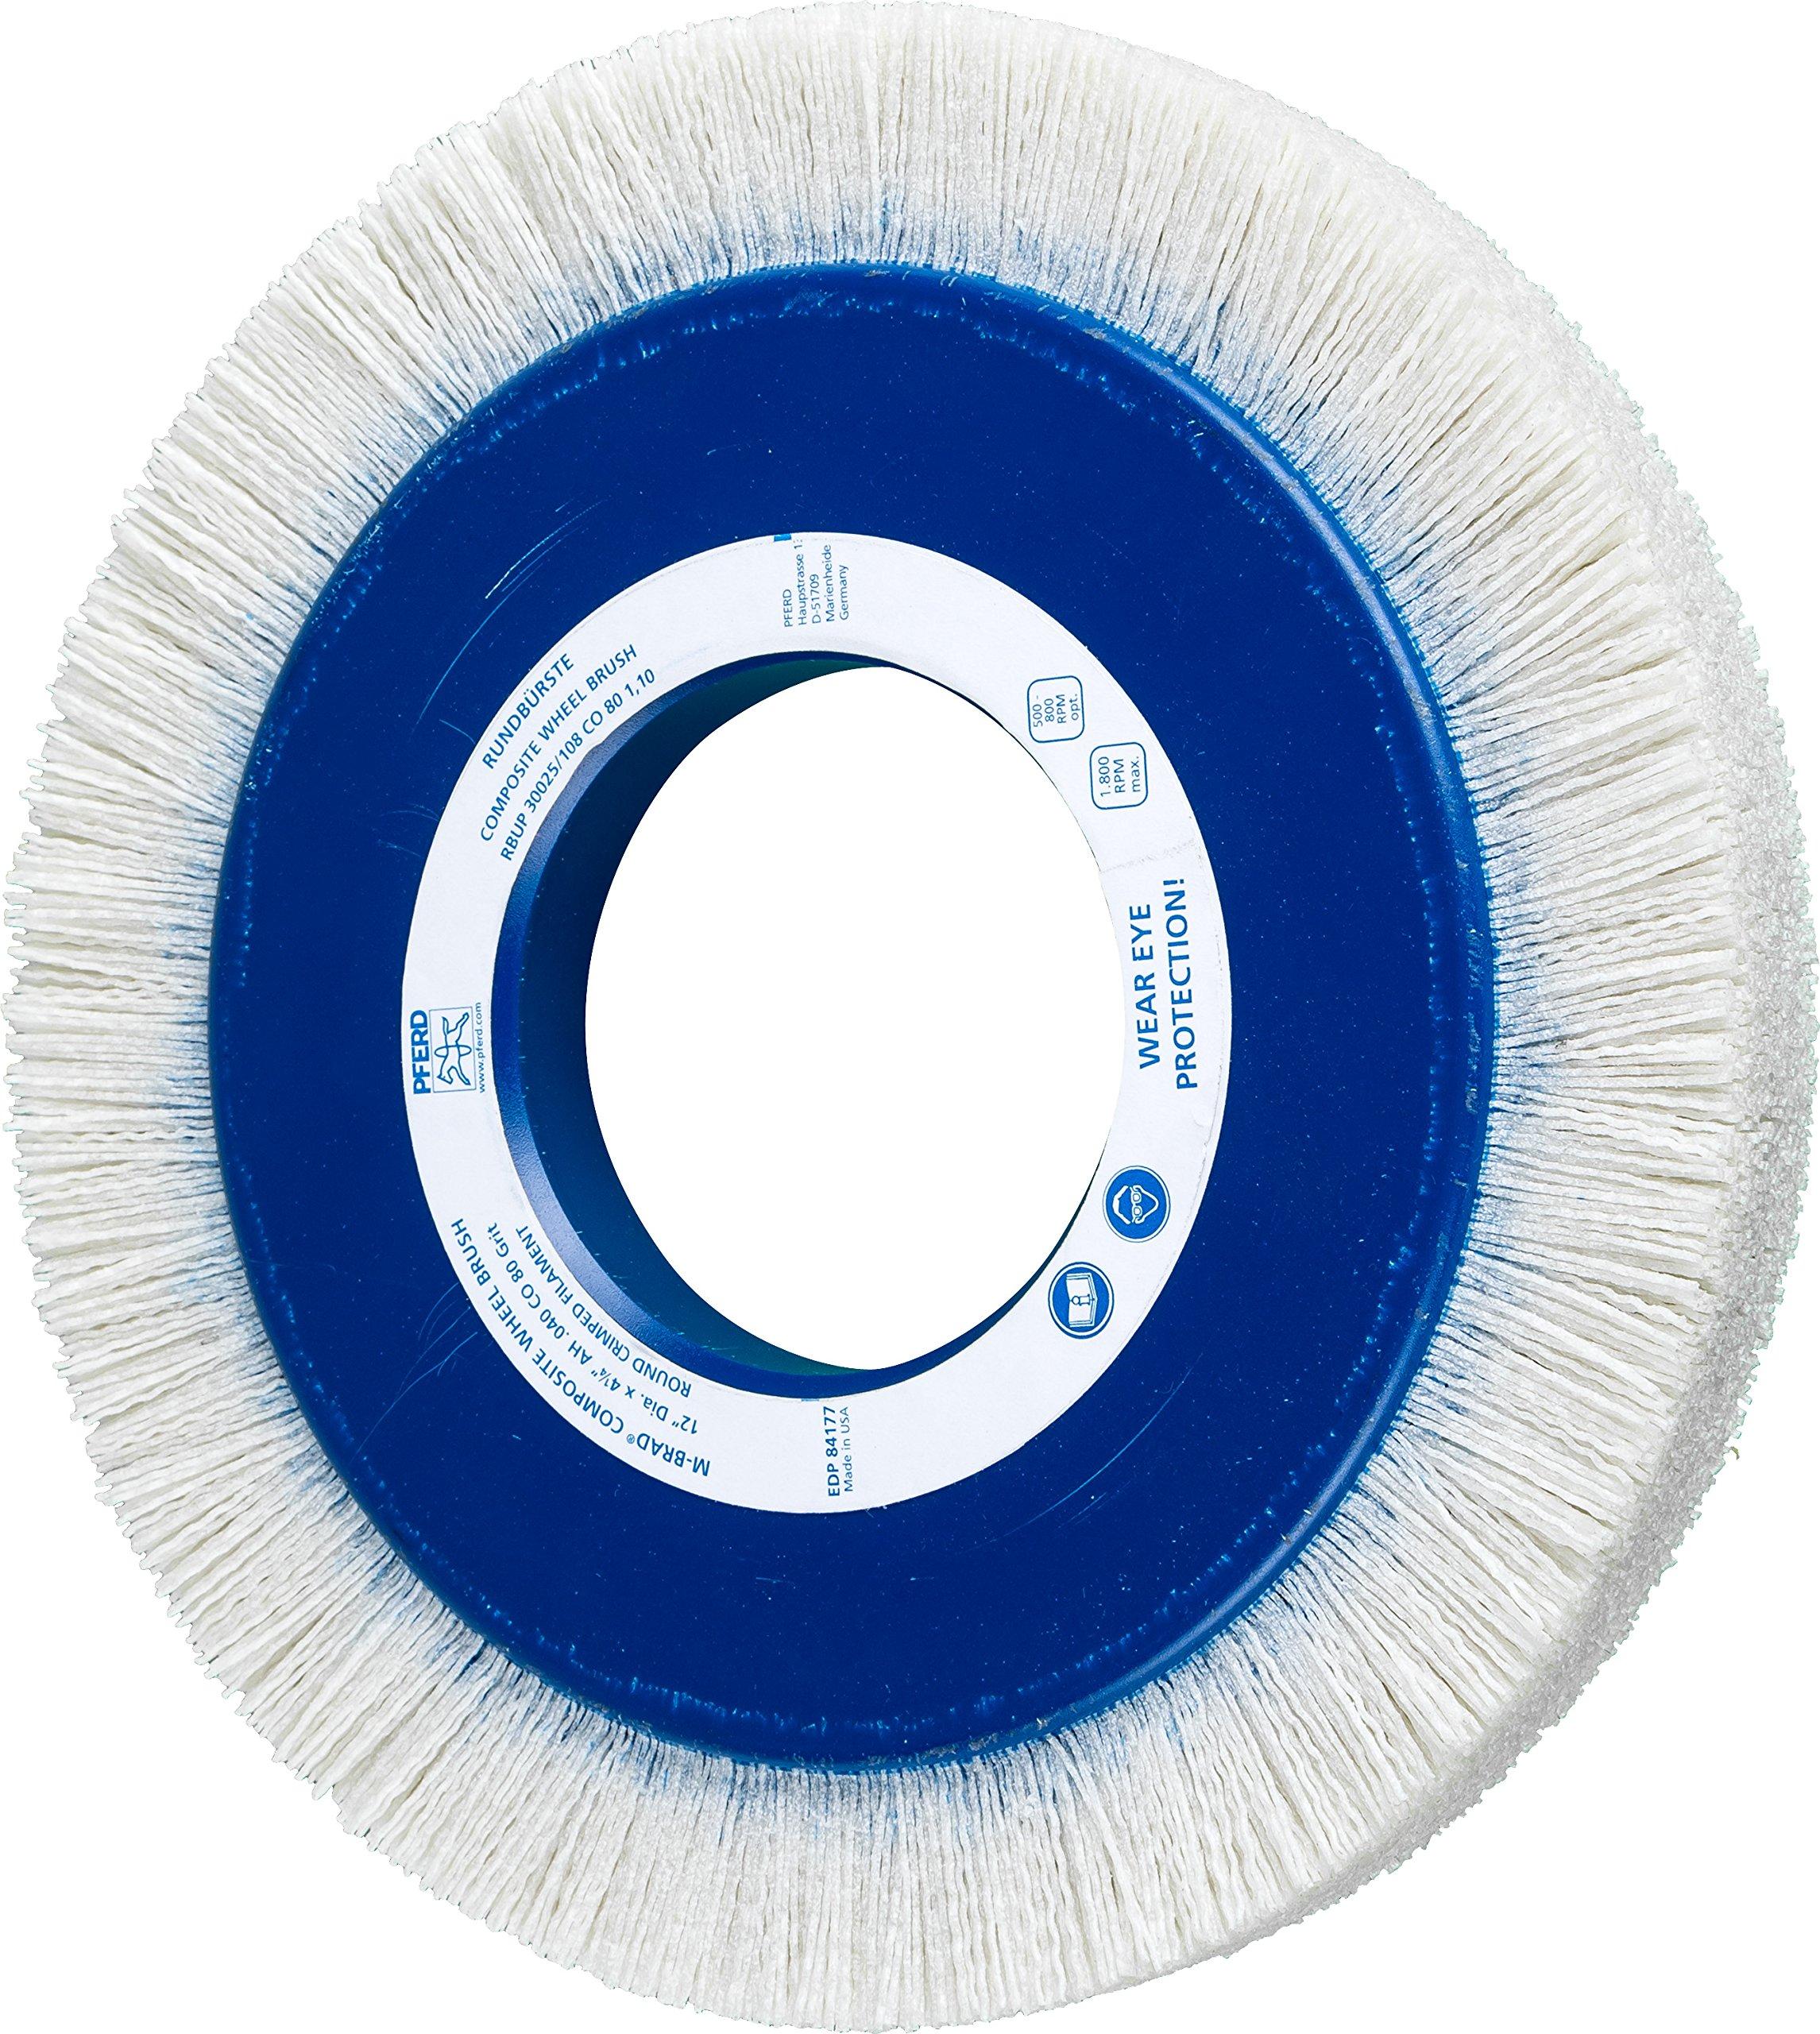 PFERD 84177 Composite Wheel Brush, Ceramic Oxide Grain, 12'' Diameter, 4-1/4'' Arbor Hole, 1-1/2'' Trim Length, 1800 rpm, 80 Grit